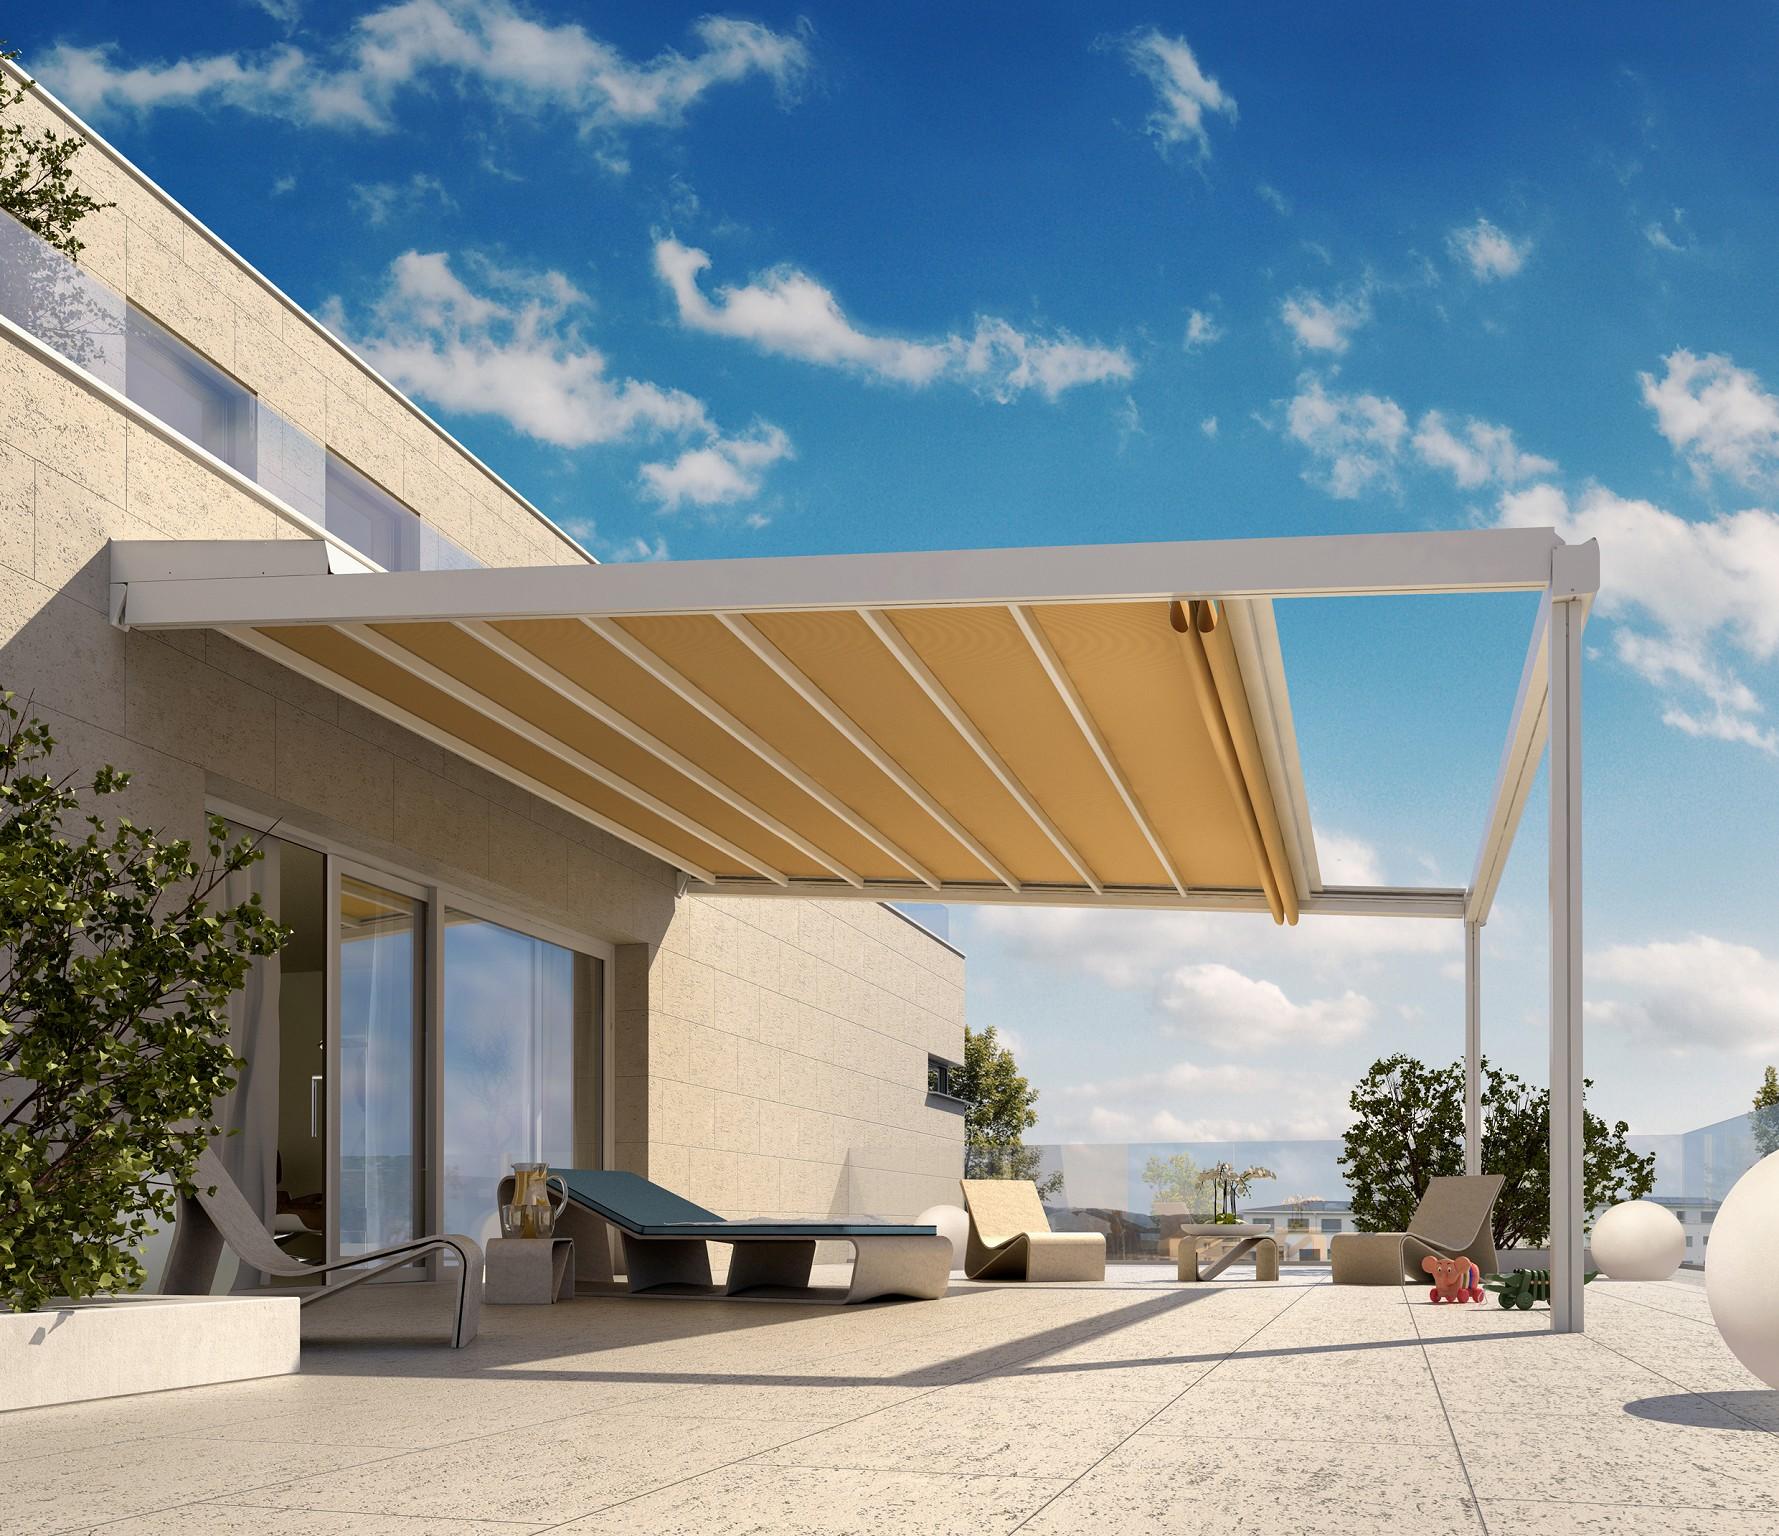 arquati rapallo rivera p5000 pergole pensiline e ombrelloni coperture a pergola stobag. Black Bedroom Furniture Sets. Home Design Ideas